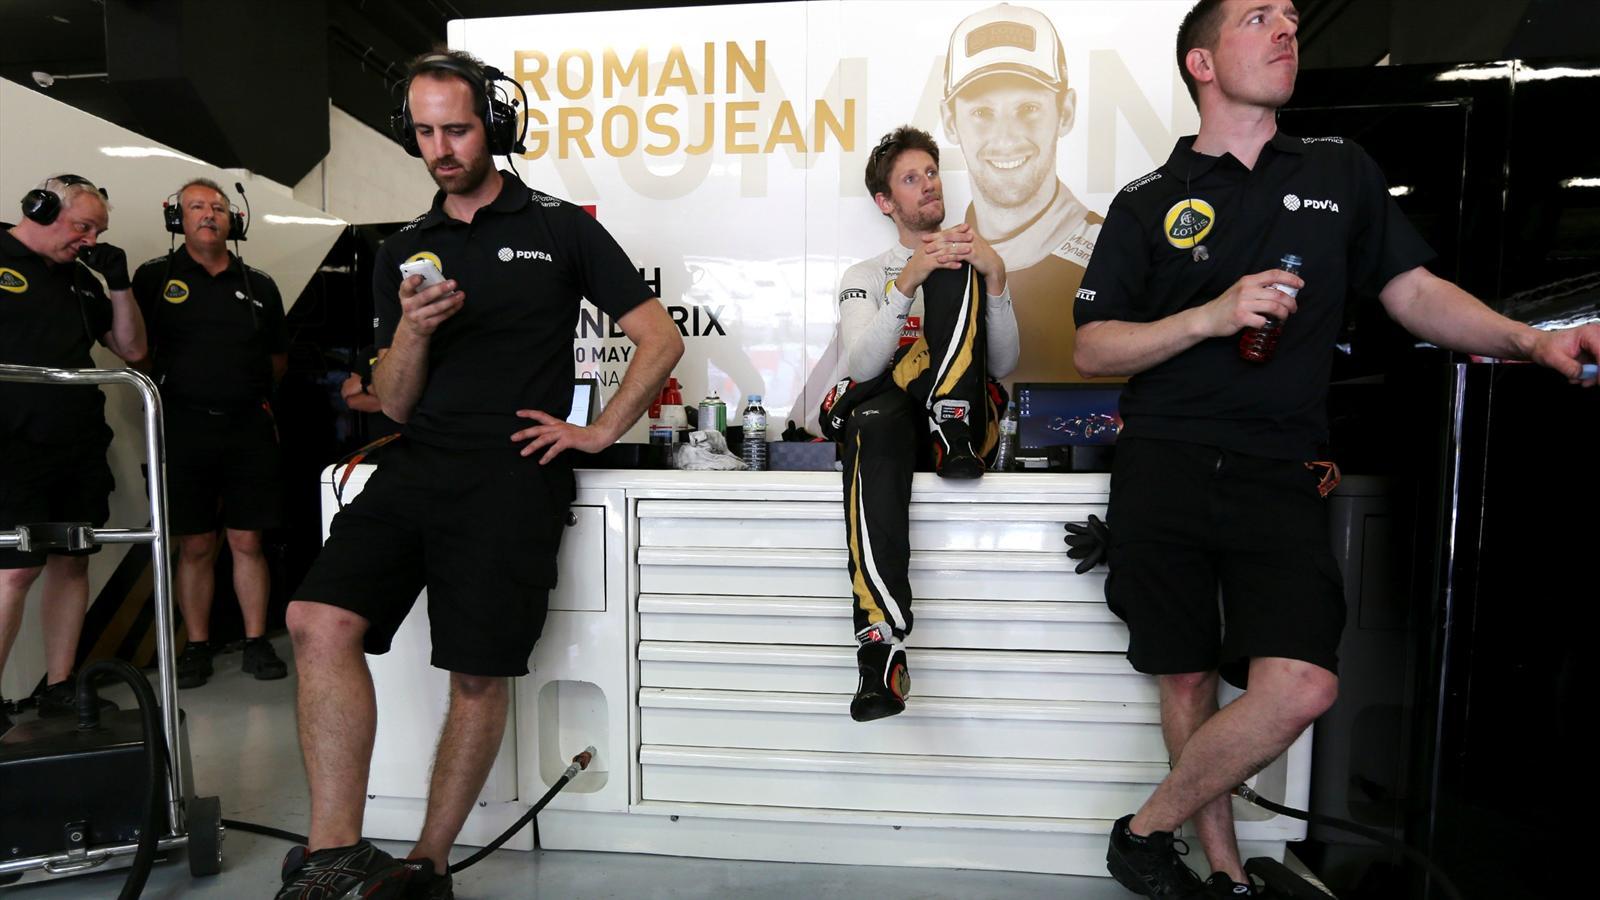 Spécial Sebastian Vettel (Formule un) - Page 18 1499130-31979752-1600-900